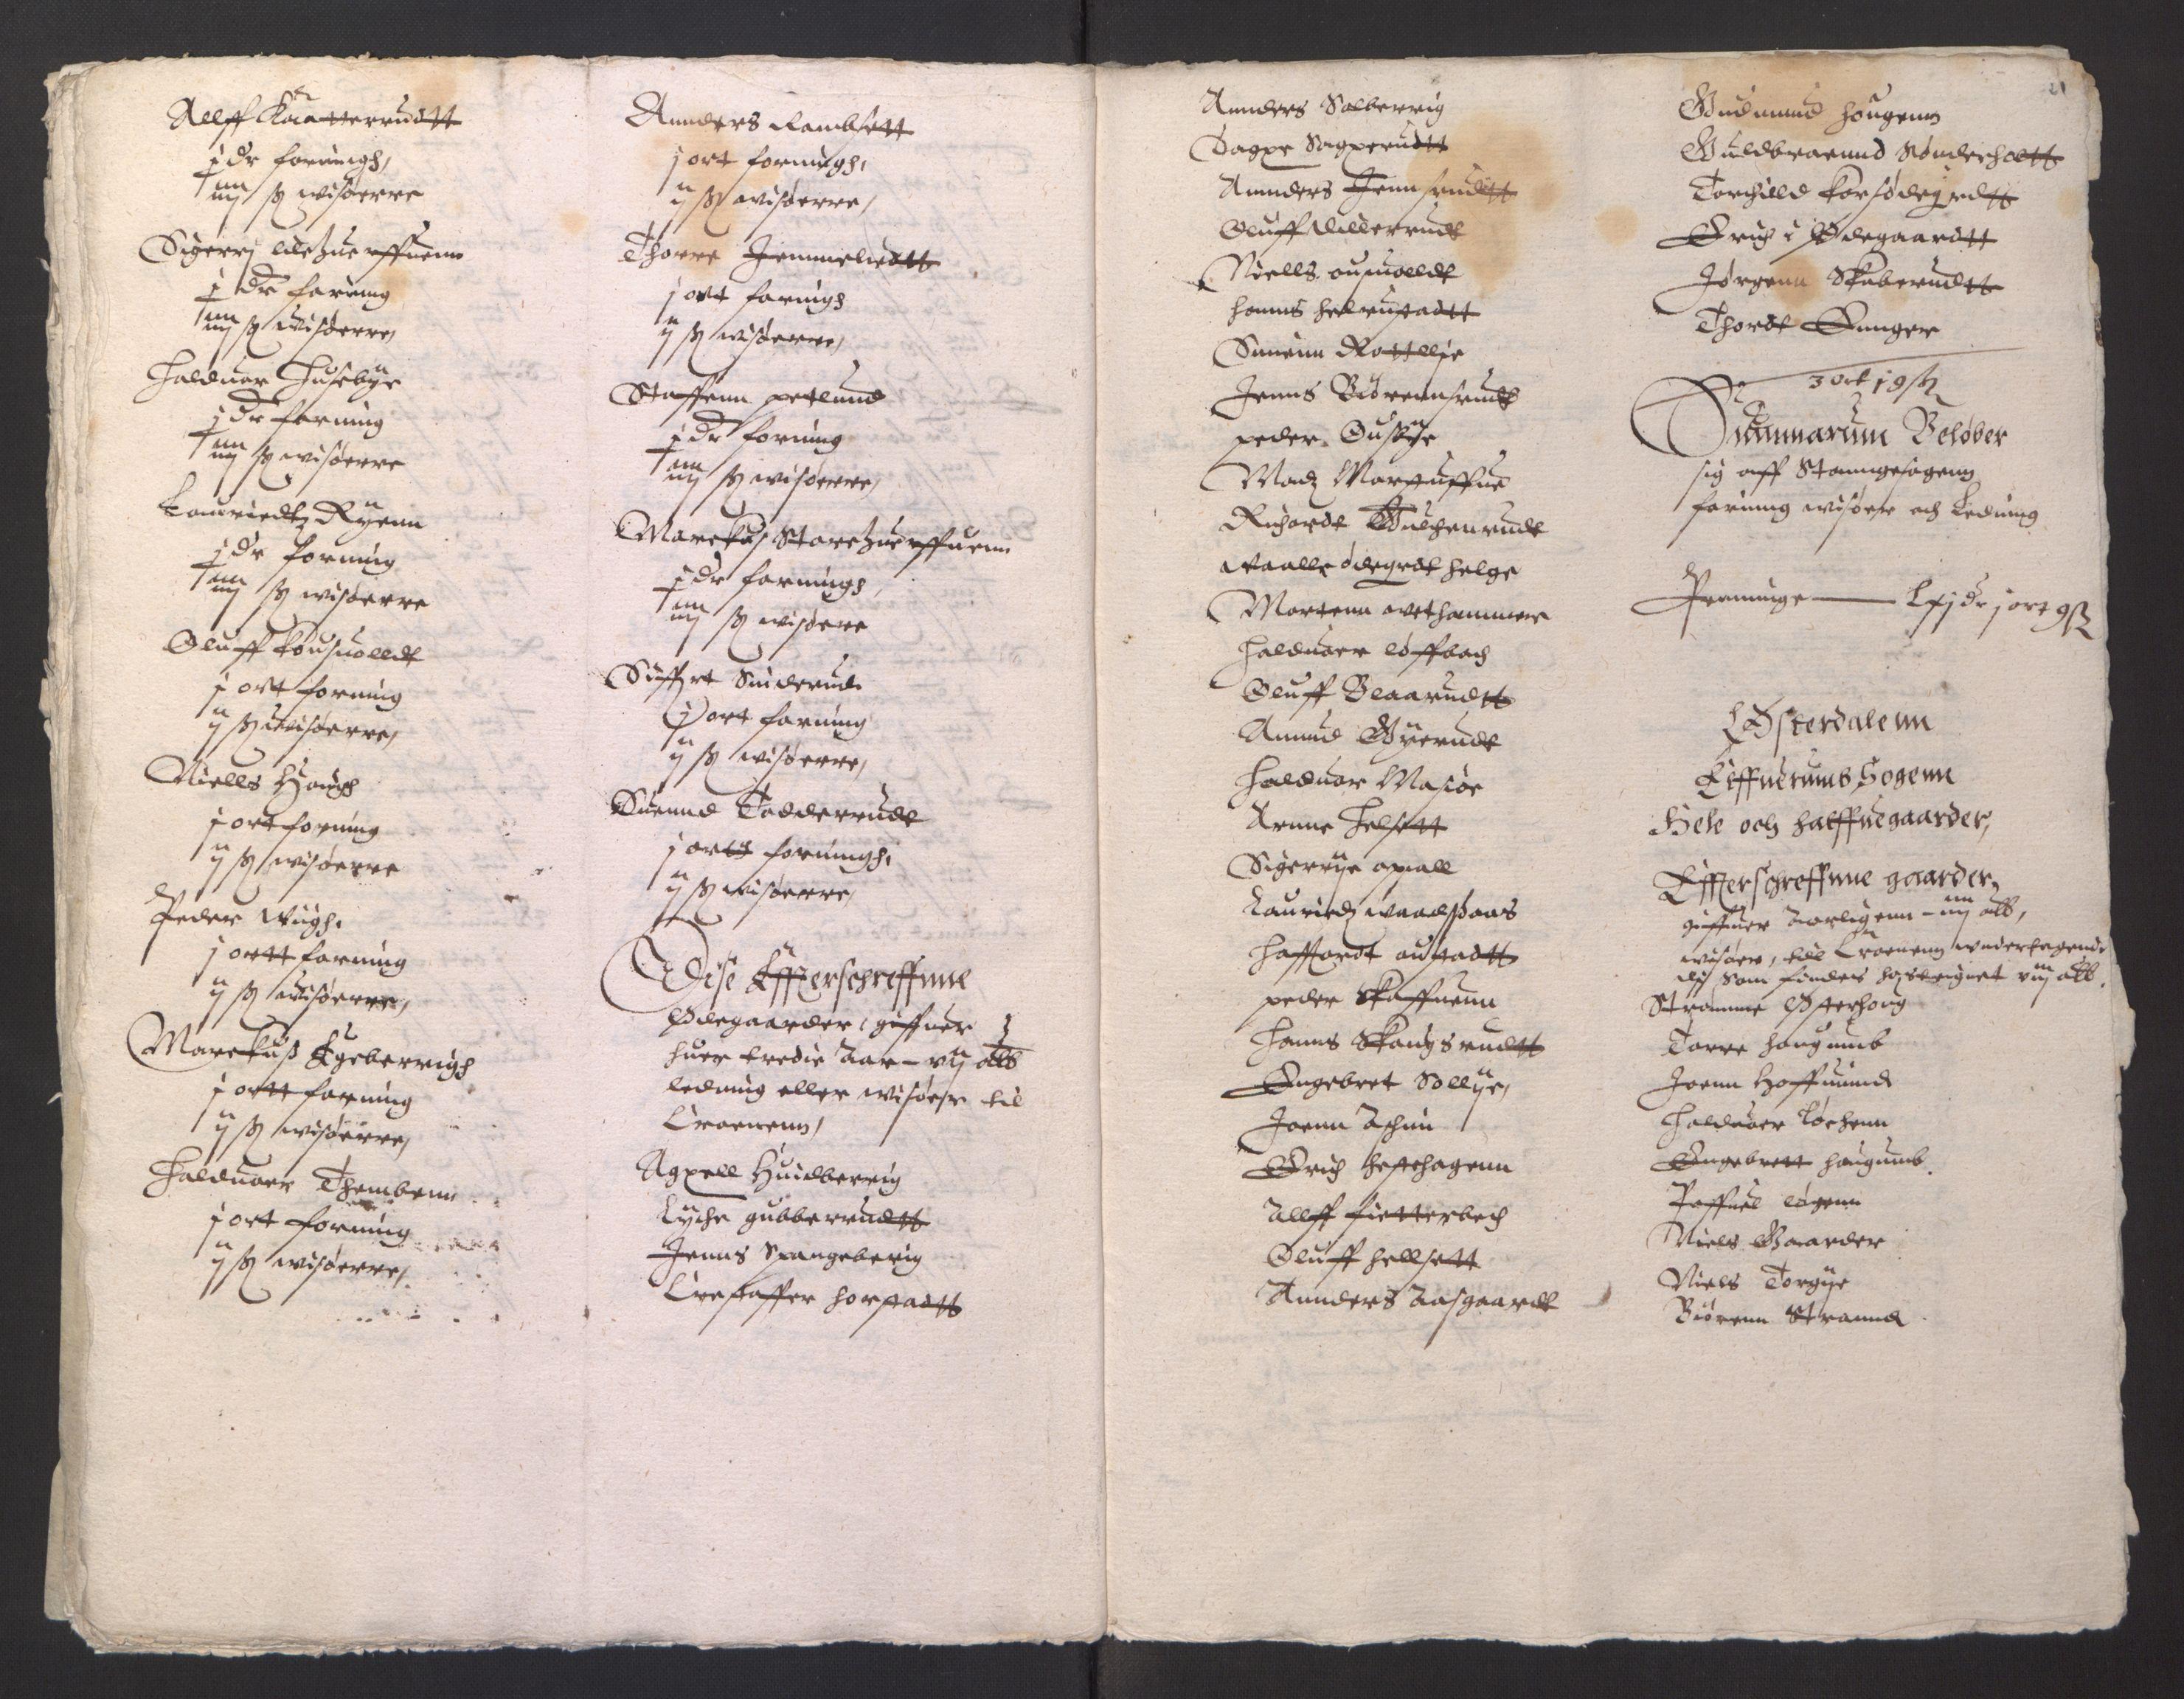 RA, Stattholderembetet 1572-1771, Ek/L0001: Jordebøker før 1624 og til utligning av garnisonsskatt 1624-1626:, 1624-1625, s. 61